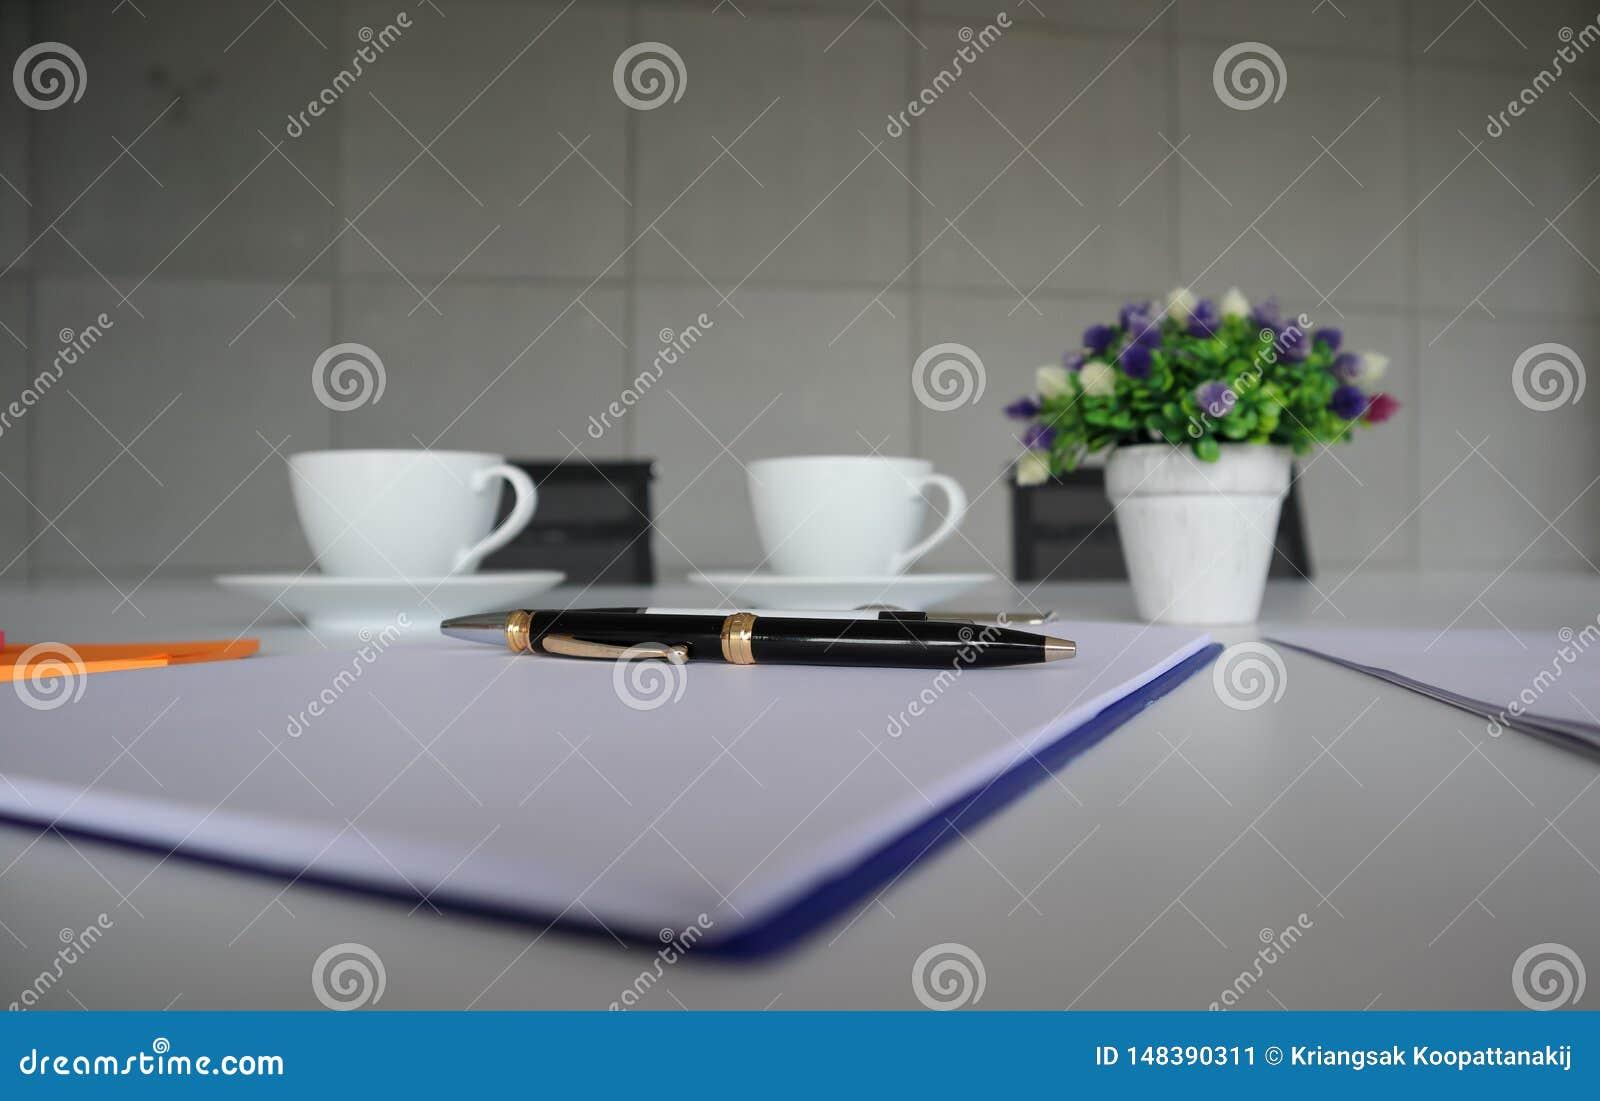 Η μαύρη μάνδρα έβαλε στο σημειωματάριο